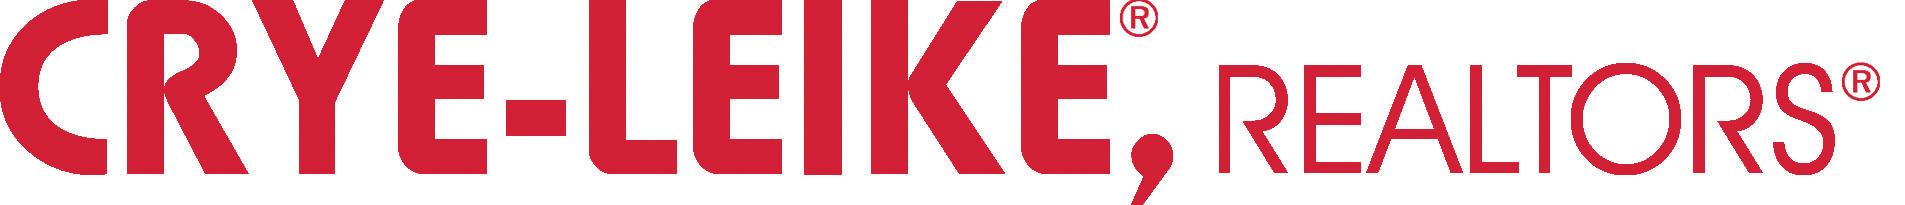 Crye Leike Realtors logo